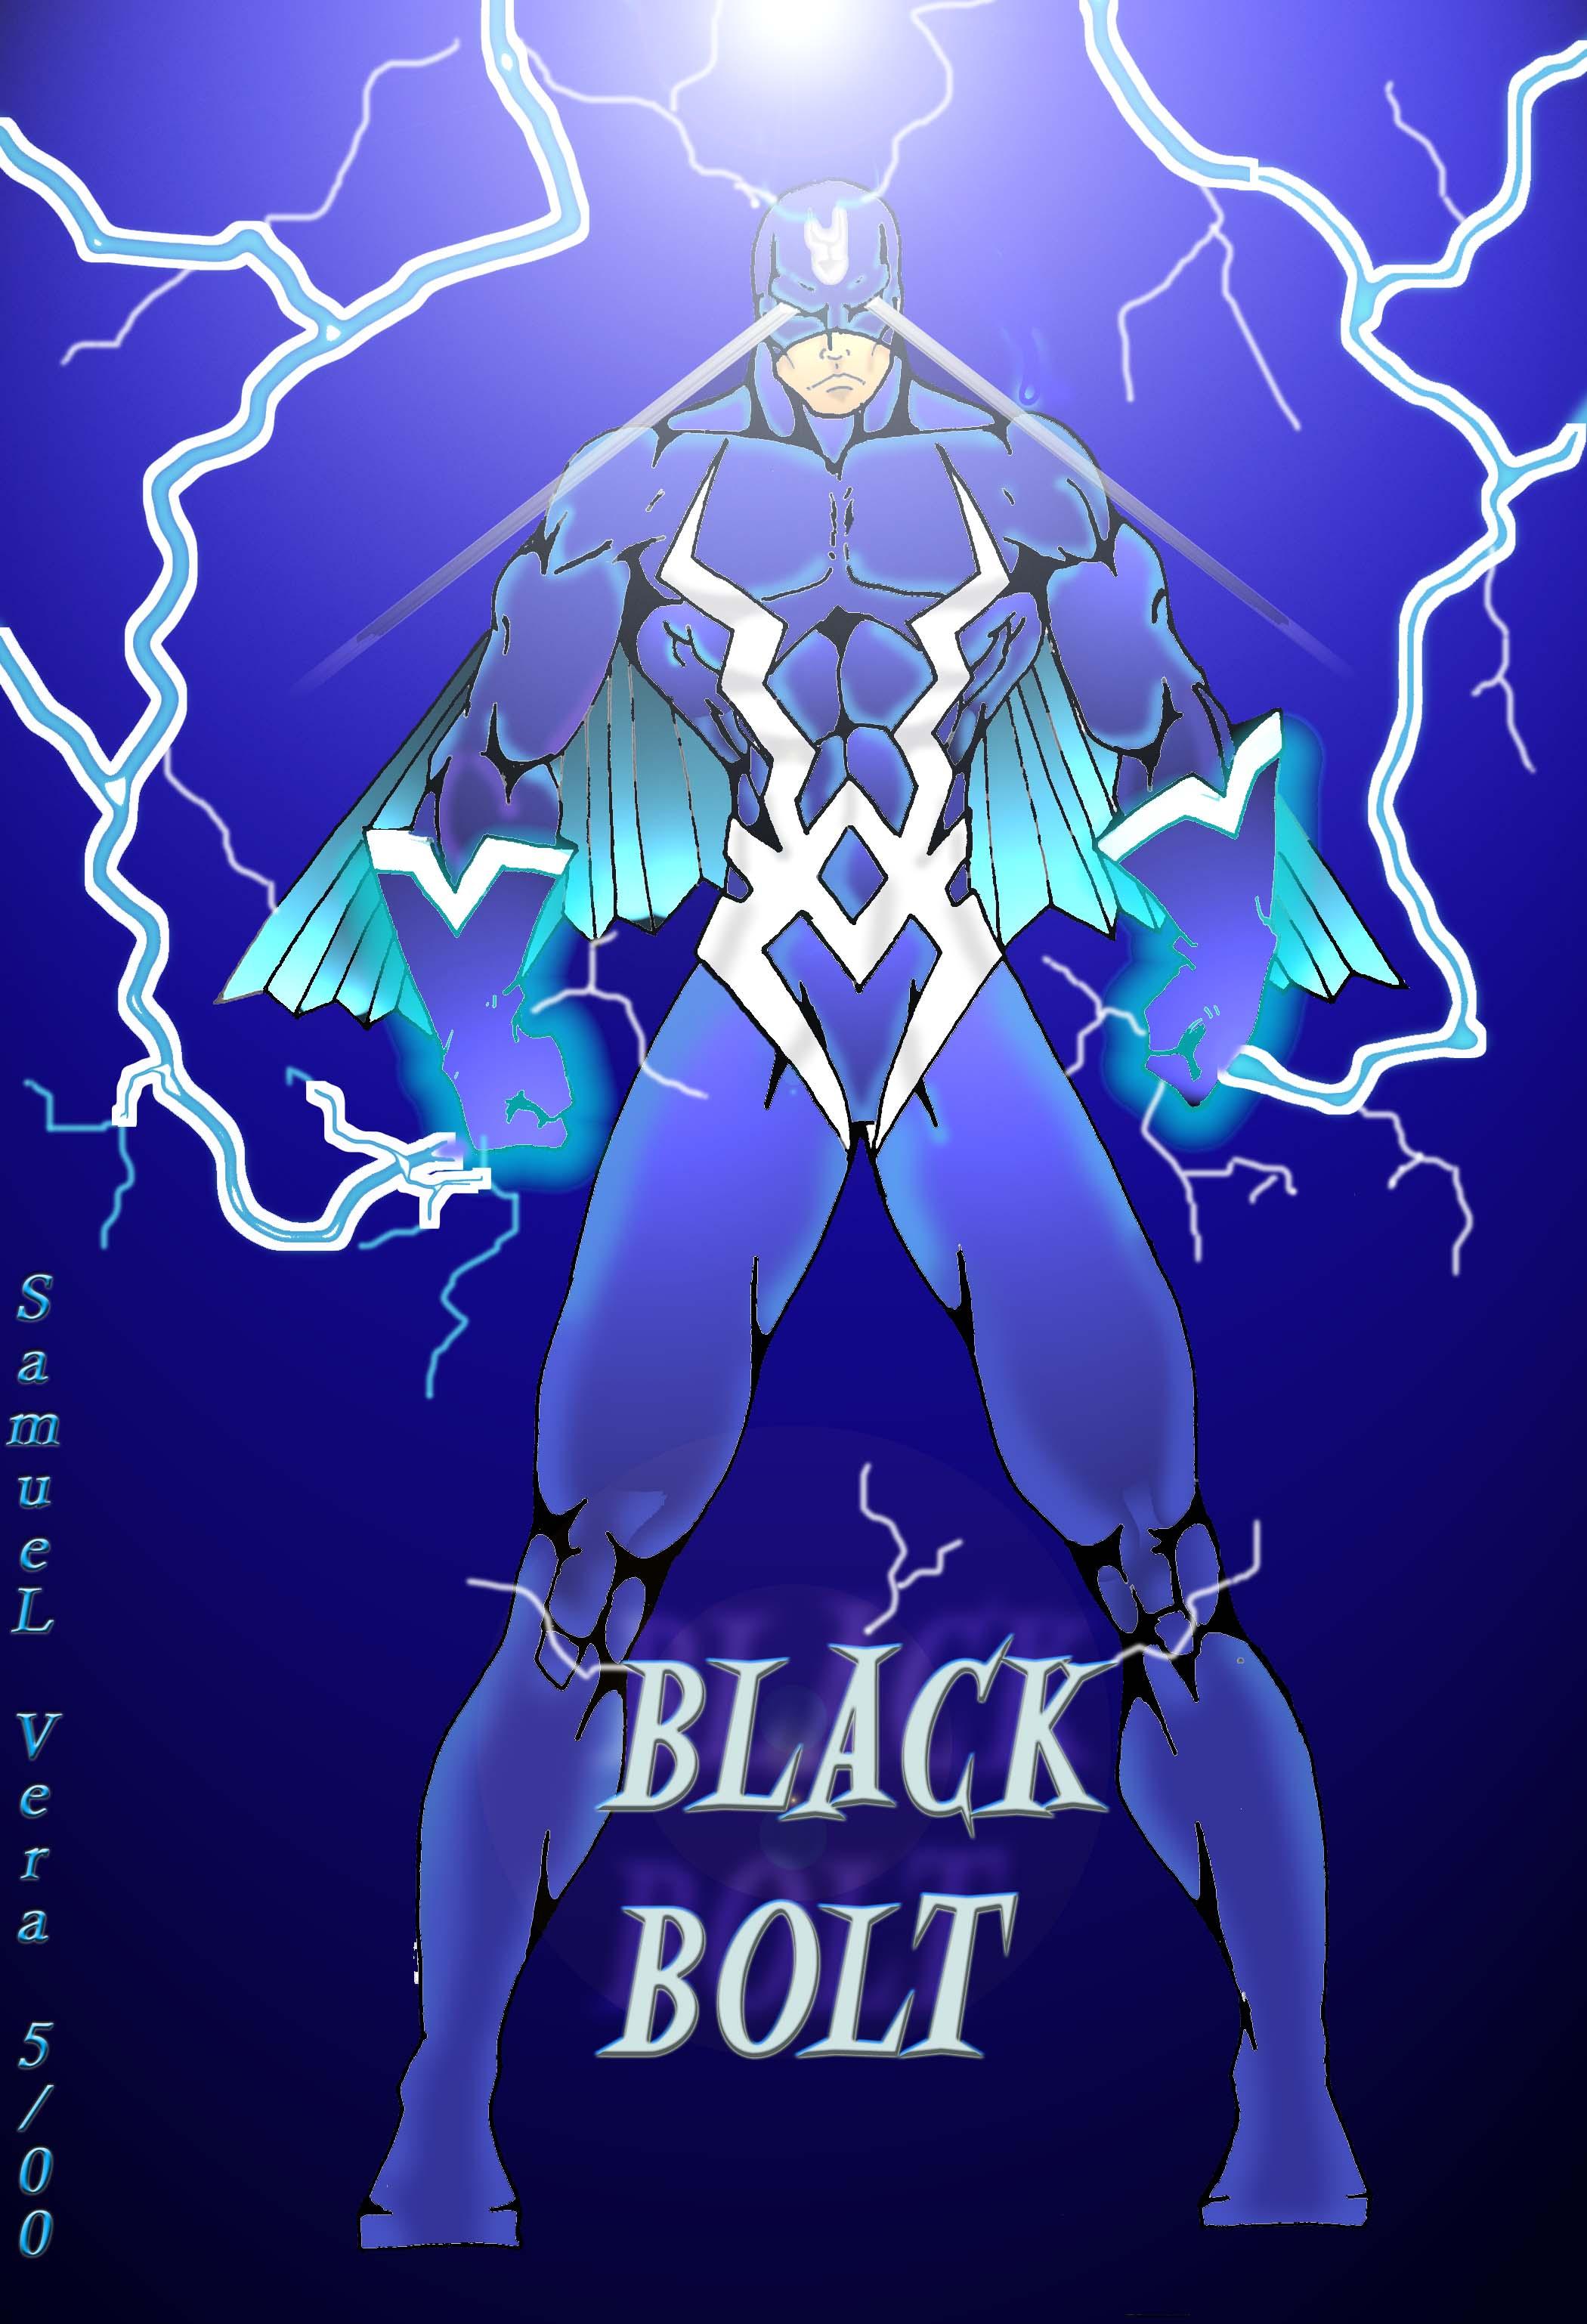 BlackBolt 1